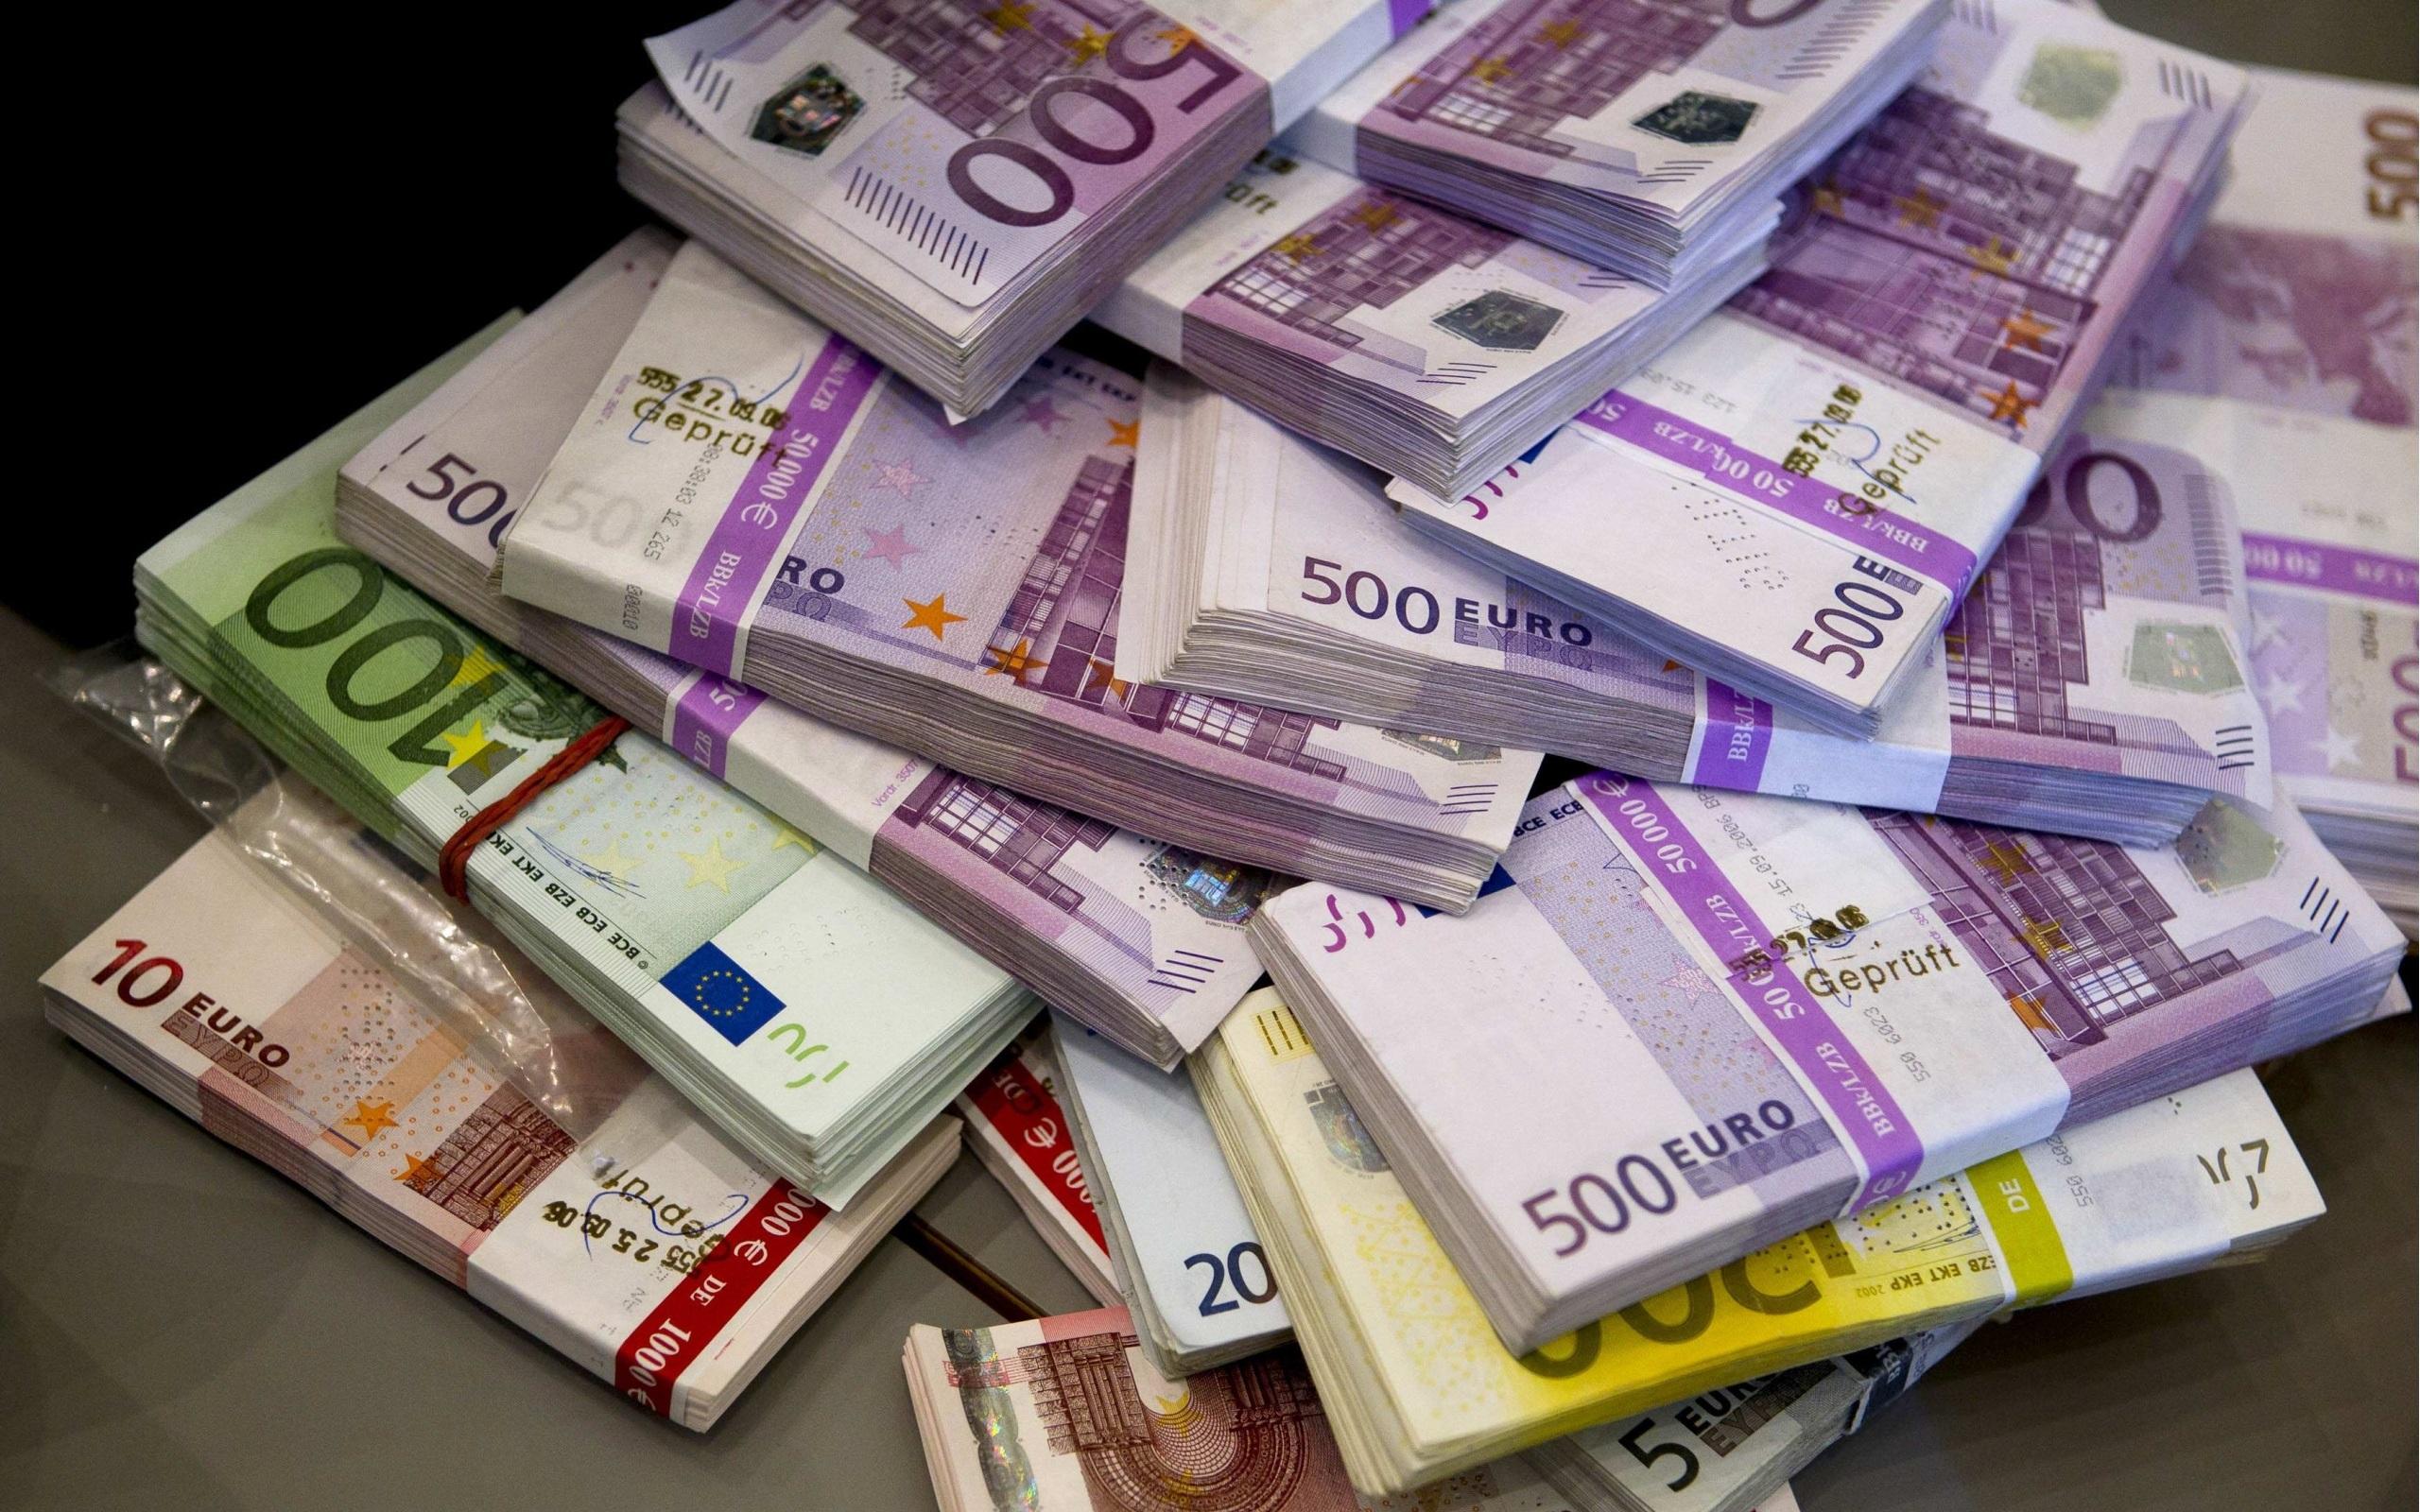 цилиндре это картинки с долларами и евро там